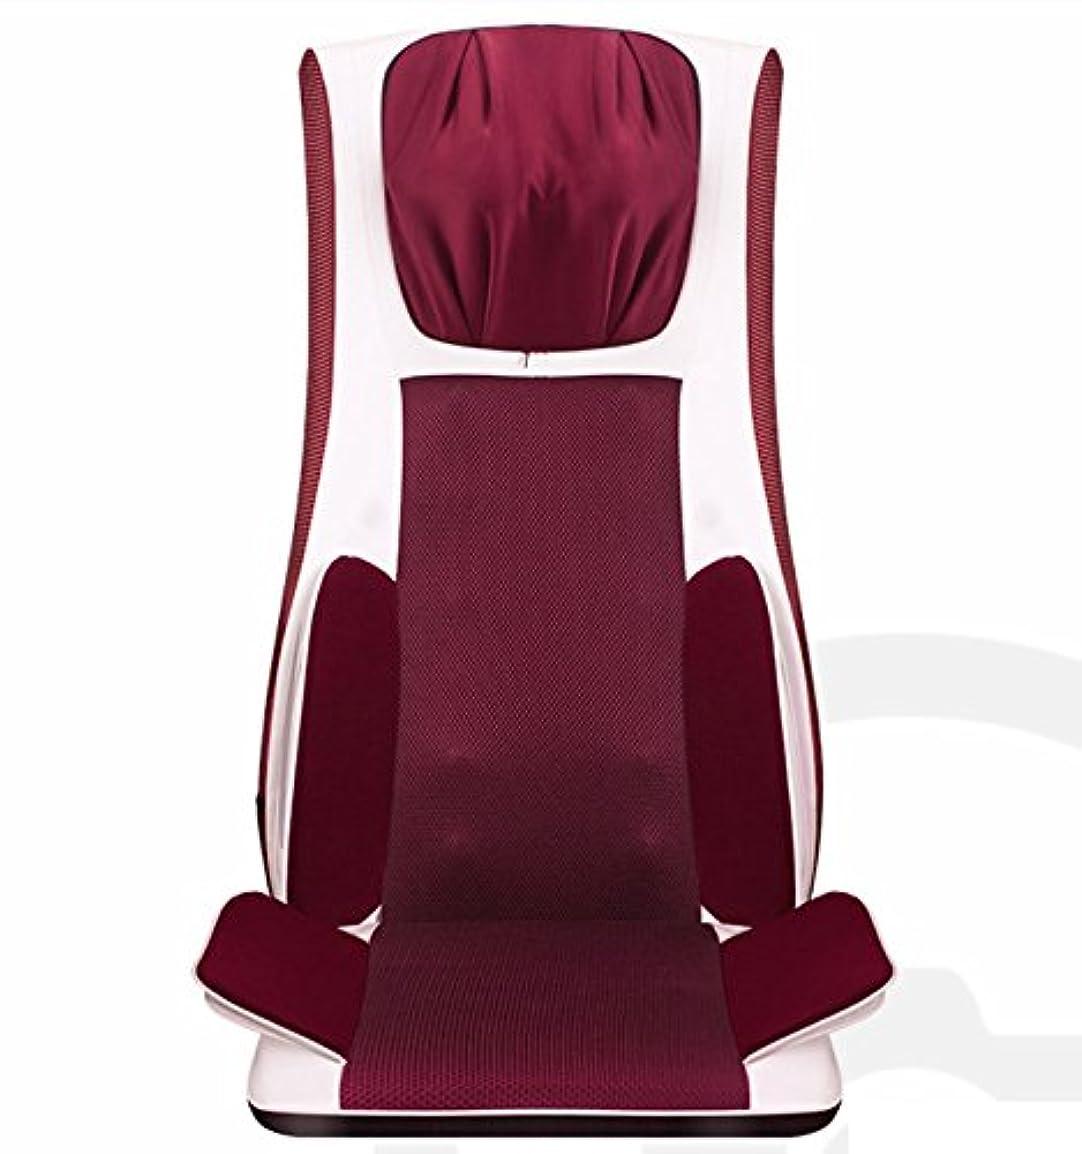 噴出する順応性のある資金Massaggiatore con cuscino elettrico per tutto il corpo, multifunzionale 4 in 1 walk in paradise 12V